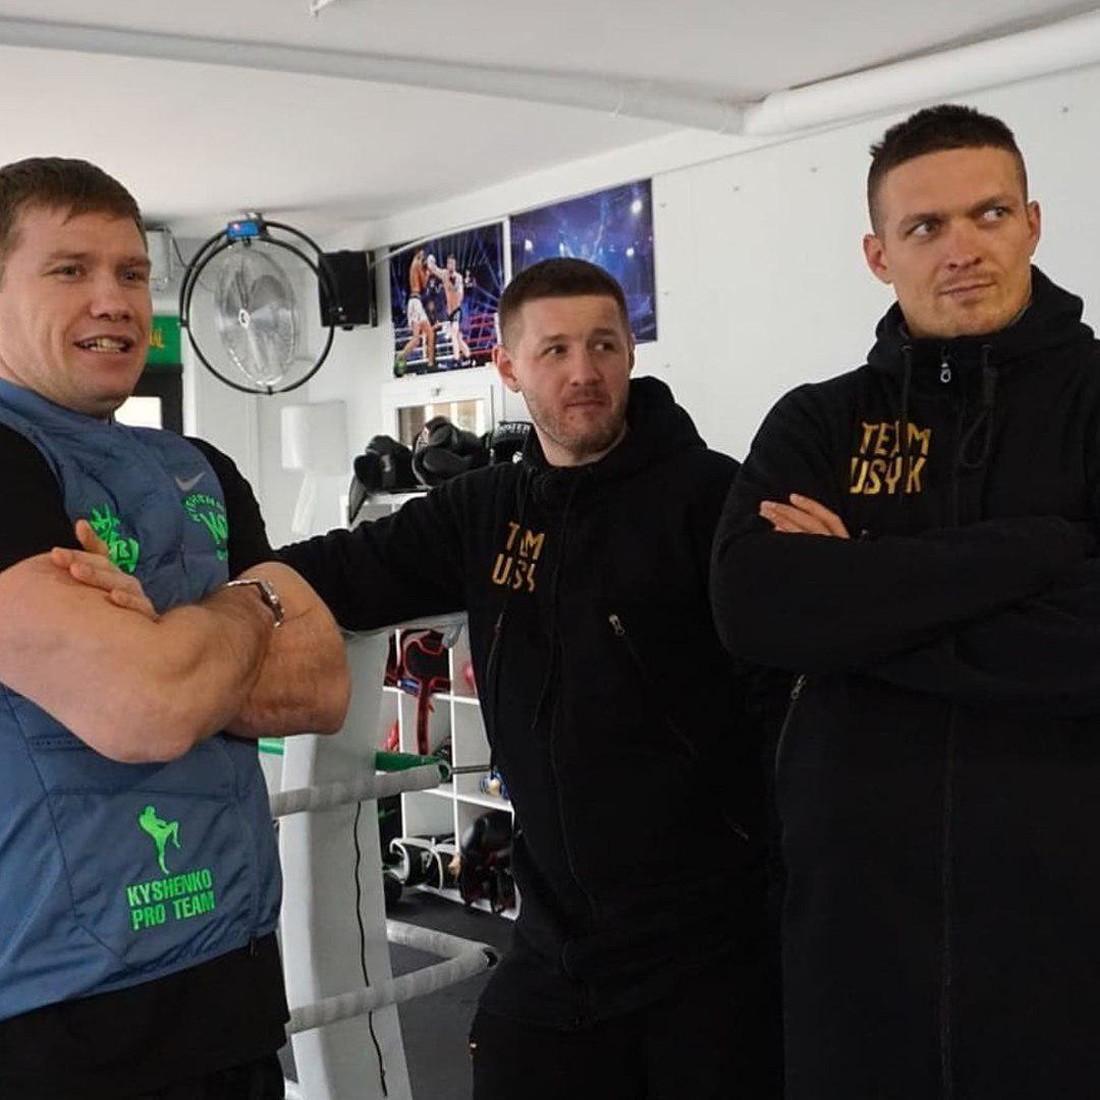 Усик под руководством Ватаманюка будет тренироваться в зале Кишенко / instagram.com/lomus.ua